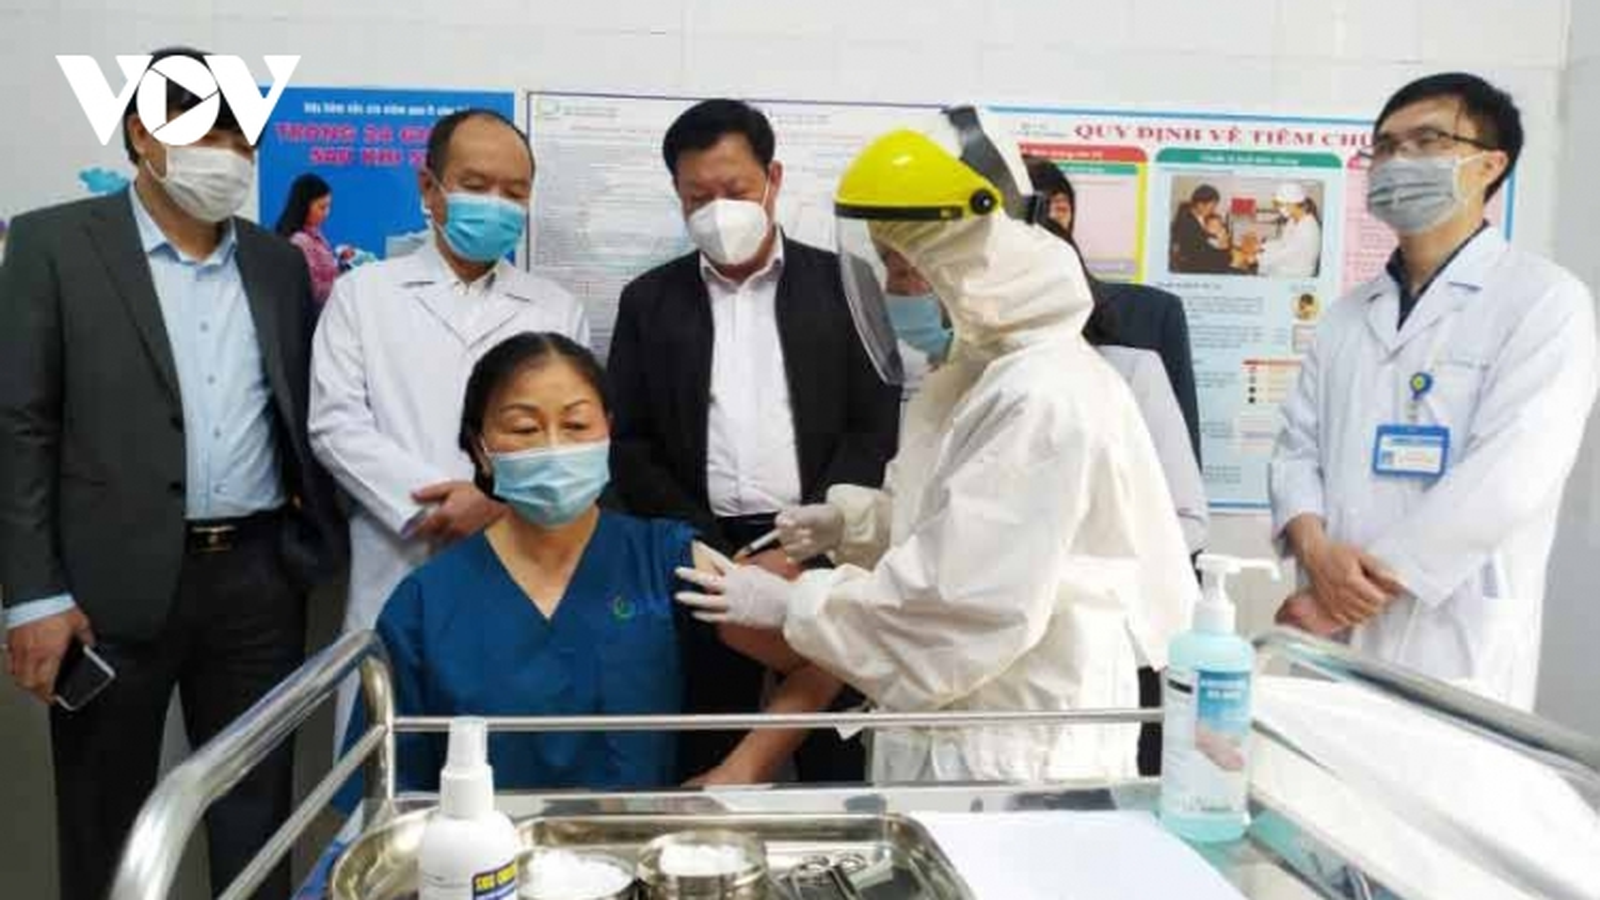 Ngày đầu tiên tiêm vaccine Covid-19 ở Quảng Ninh